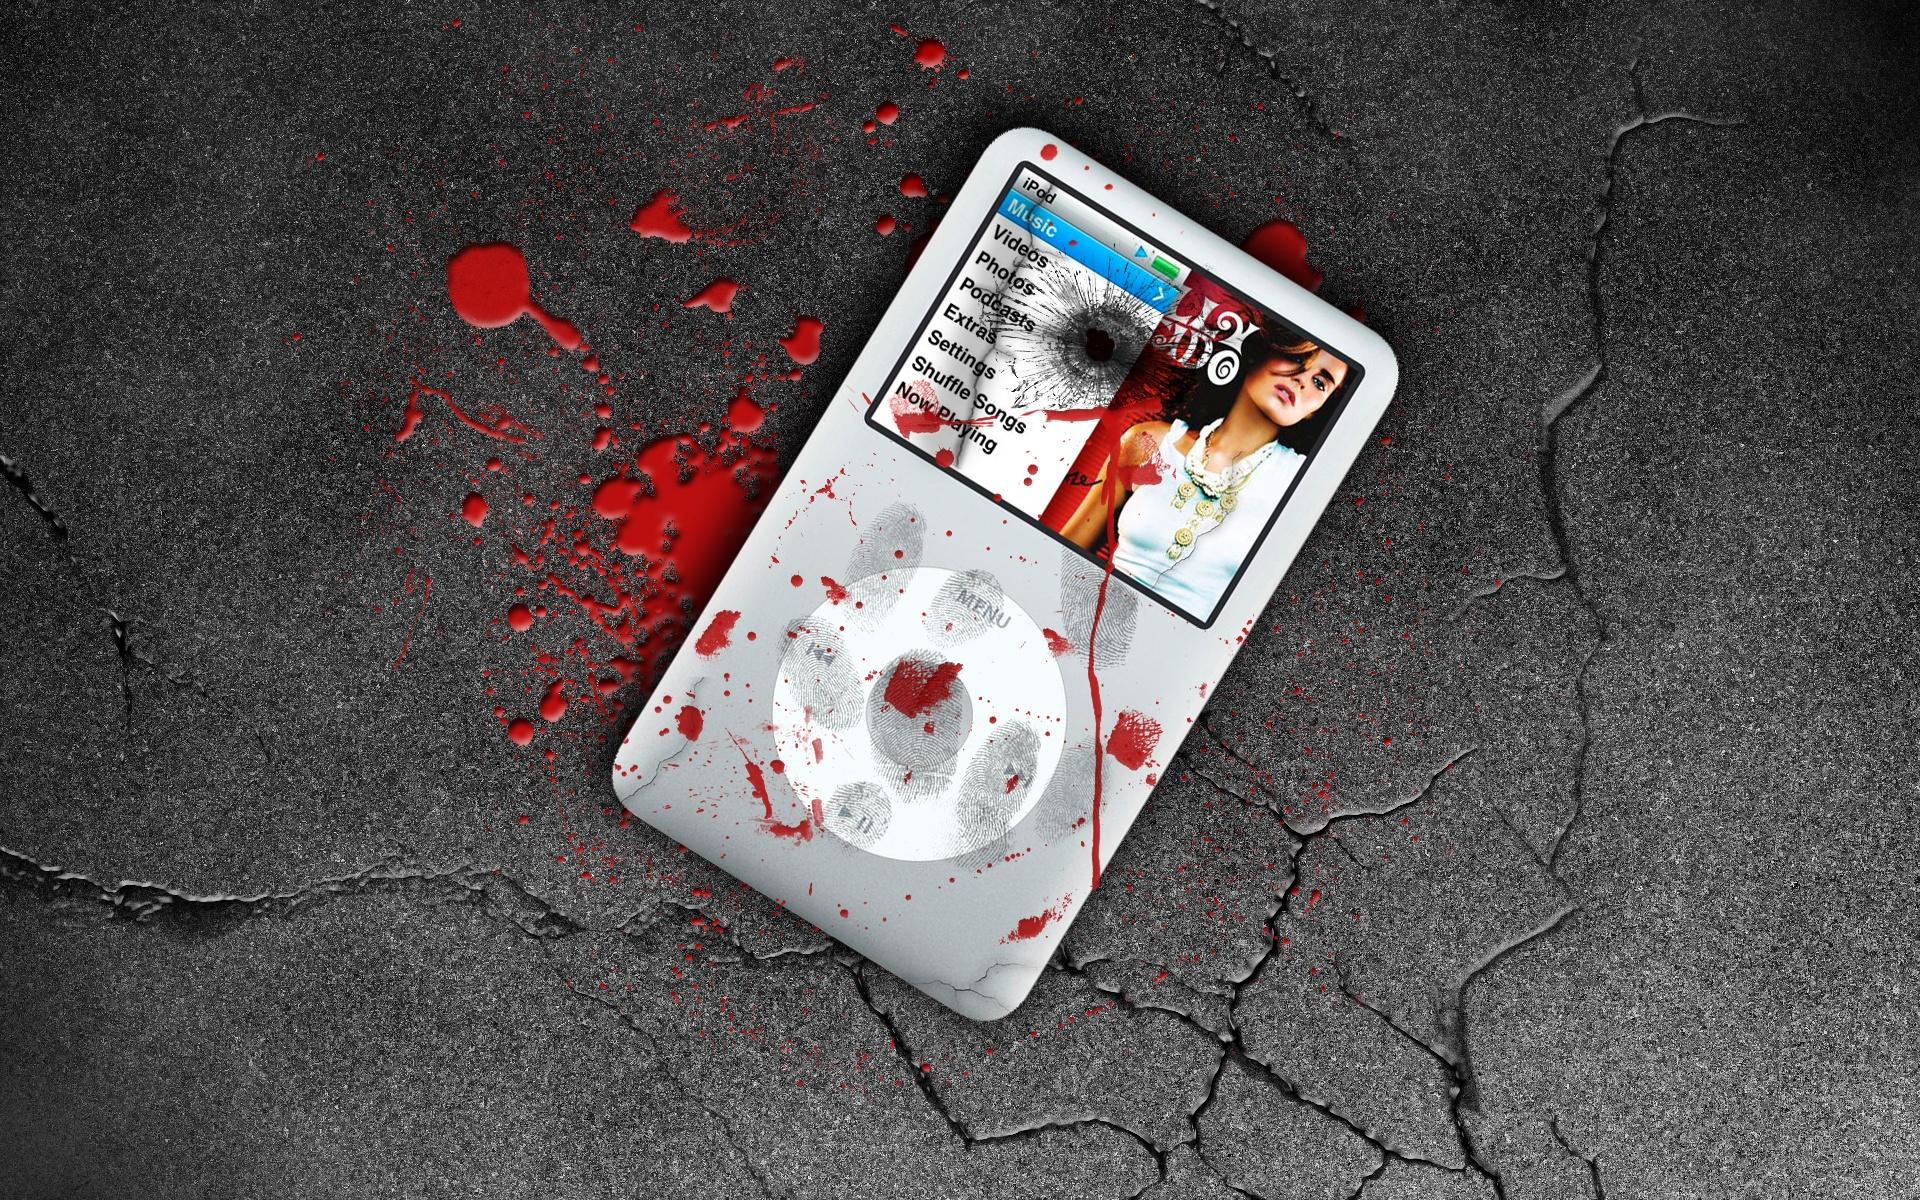 壁紙 Ipodの殺人 1920x1200 Hd 無料のデスクトップの背景 画像